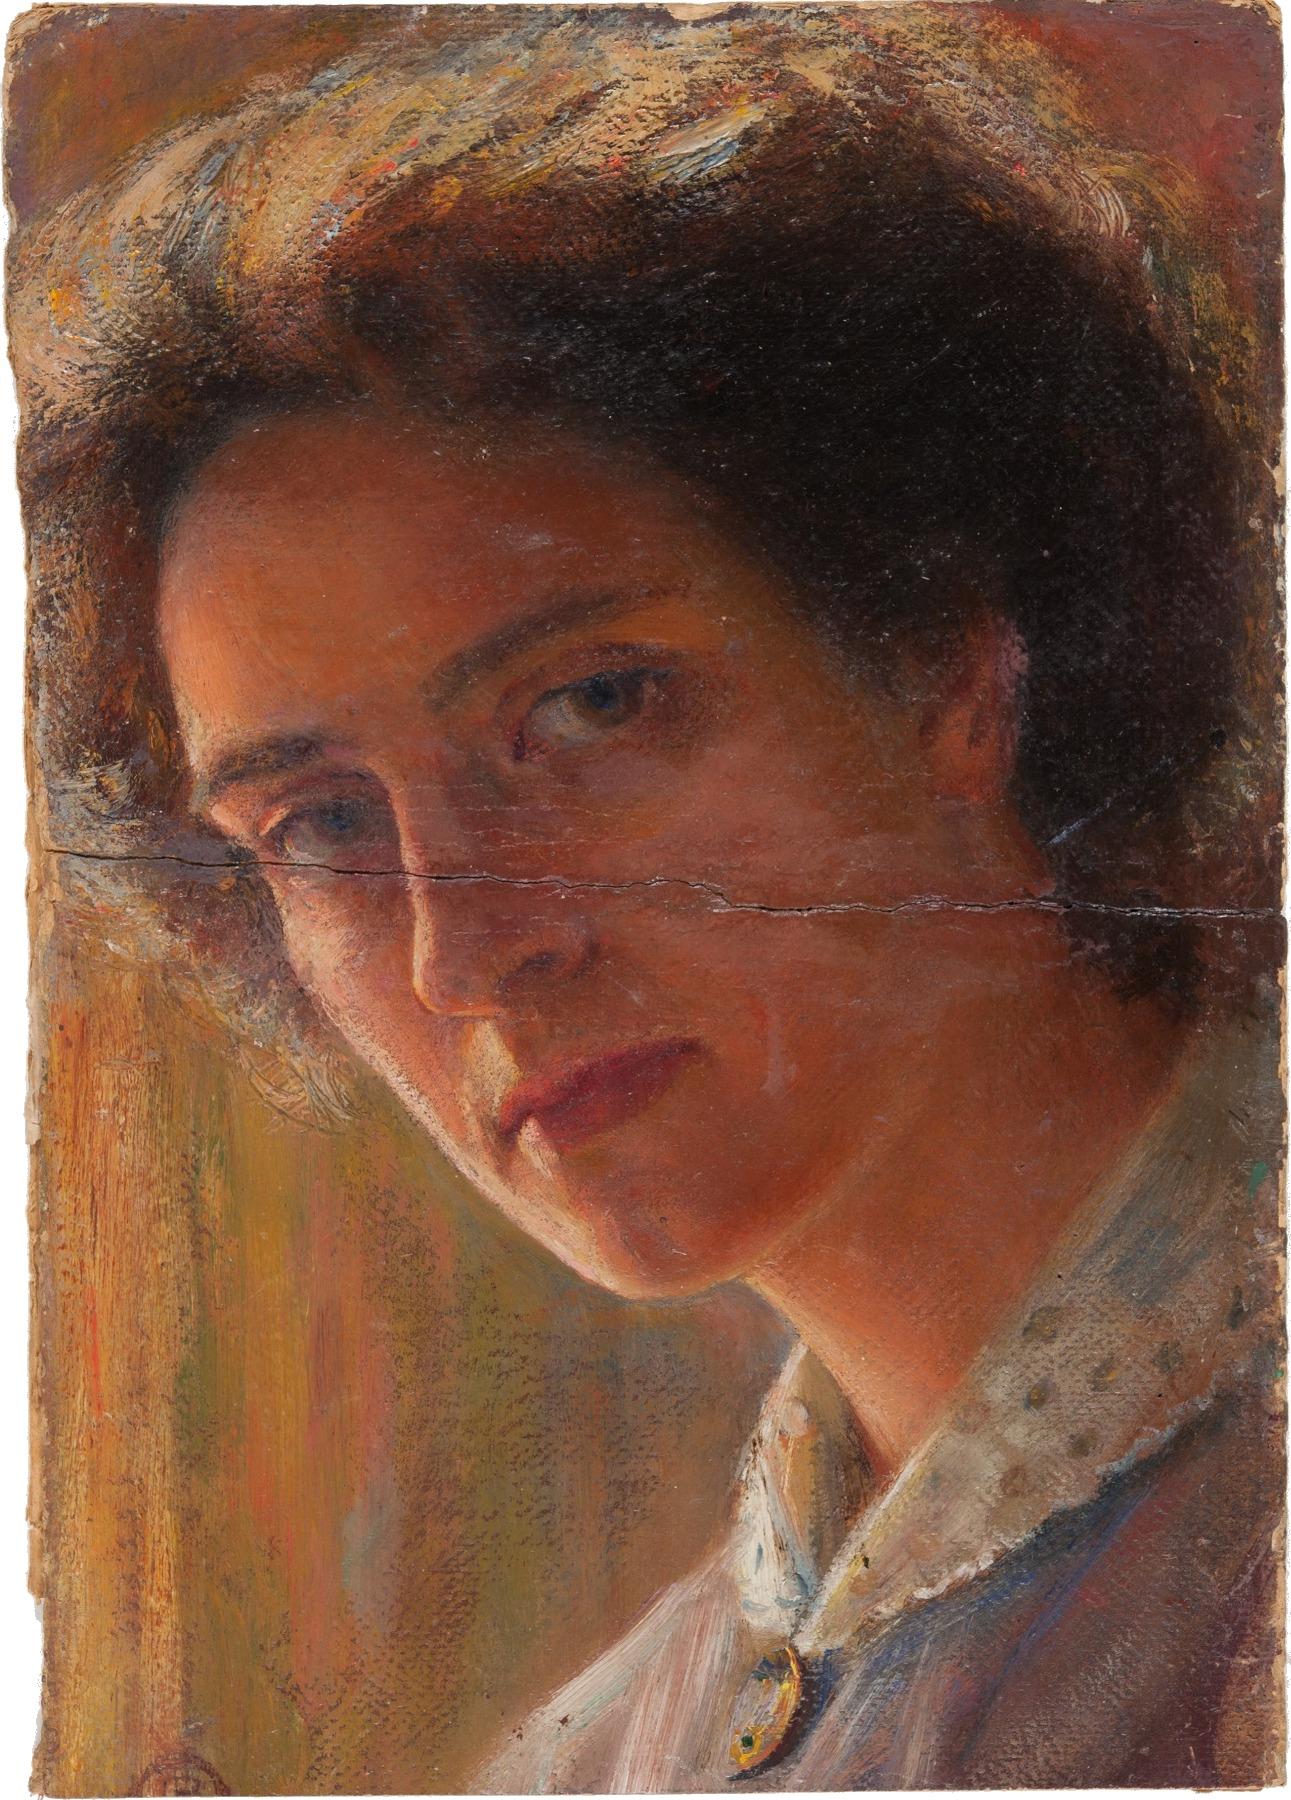 Leonetta Pieraccini Cecchi's Self-portrait at the Gabinetto Vieusseux, under restoration